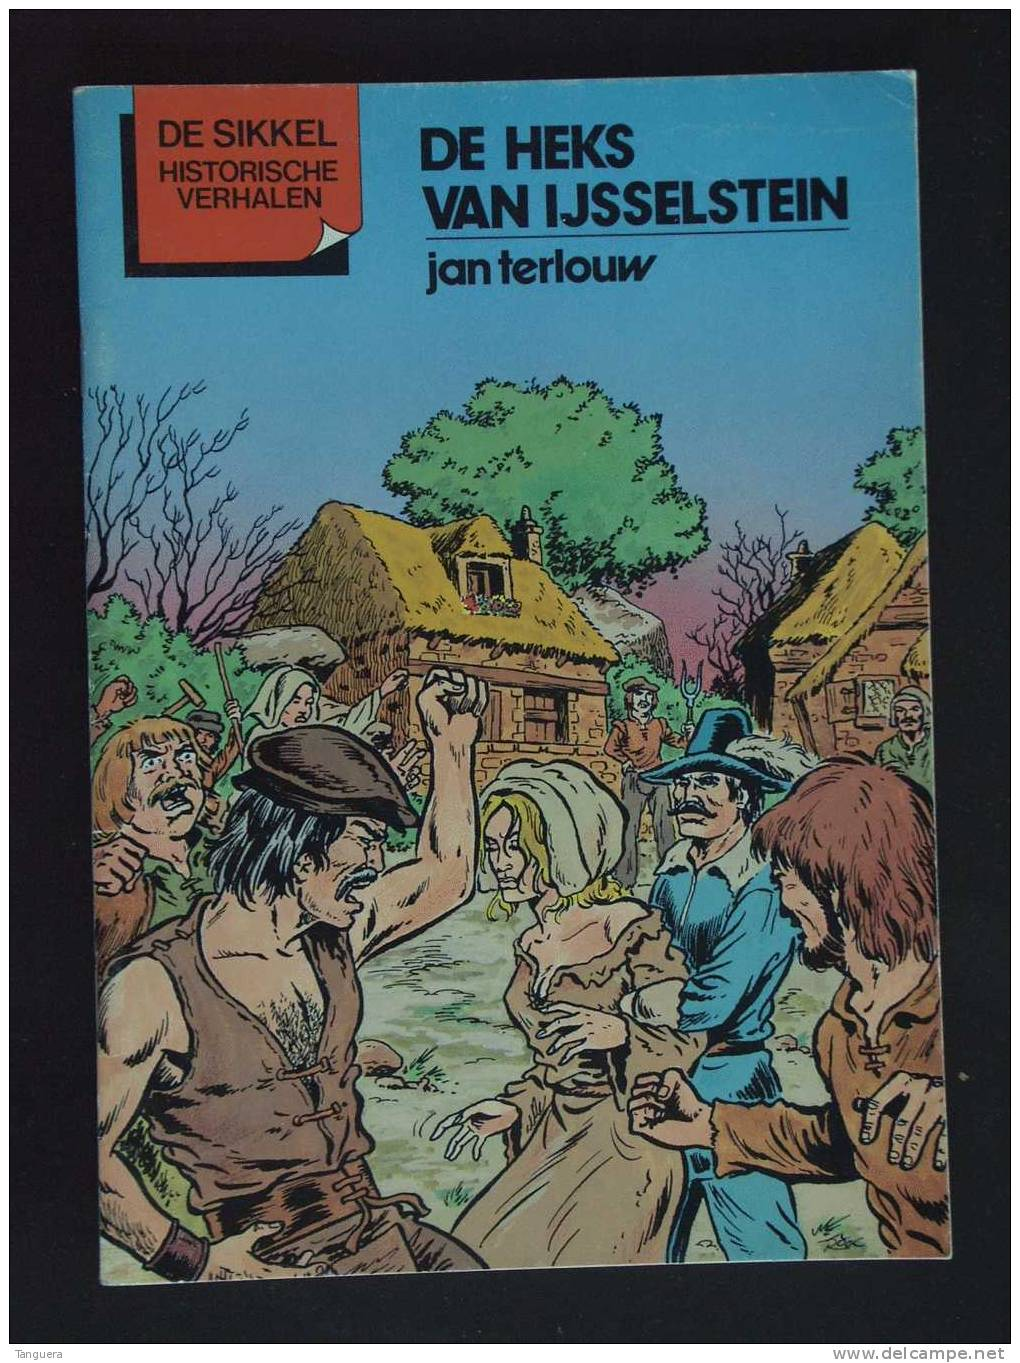 De Sikkel Historische Verhalen - De Heks Van IJsselstein - 1987 - Roger De Klerk - Tekeningen Roger De Klerk - Histoire